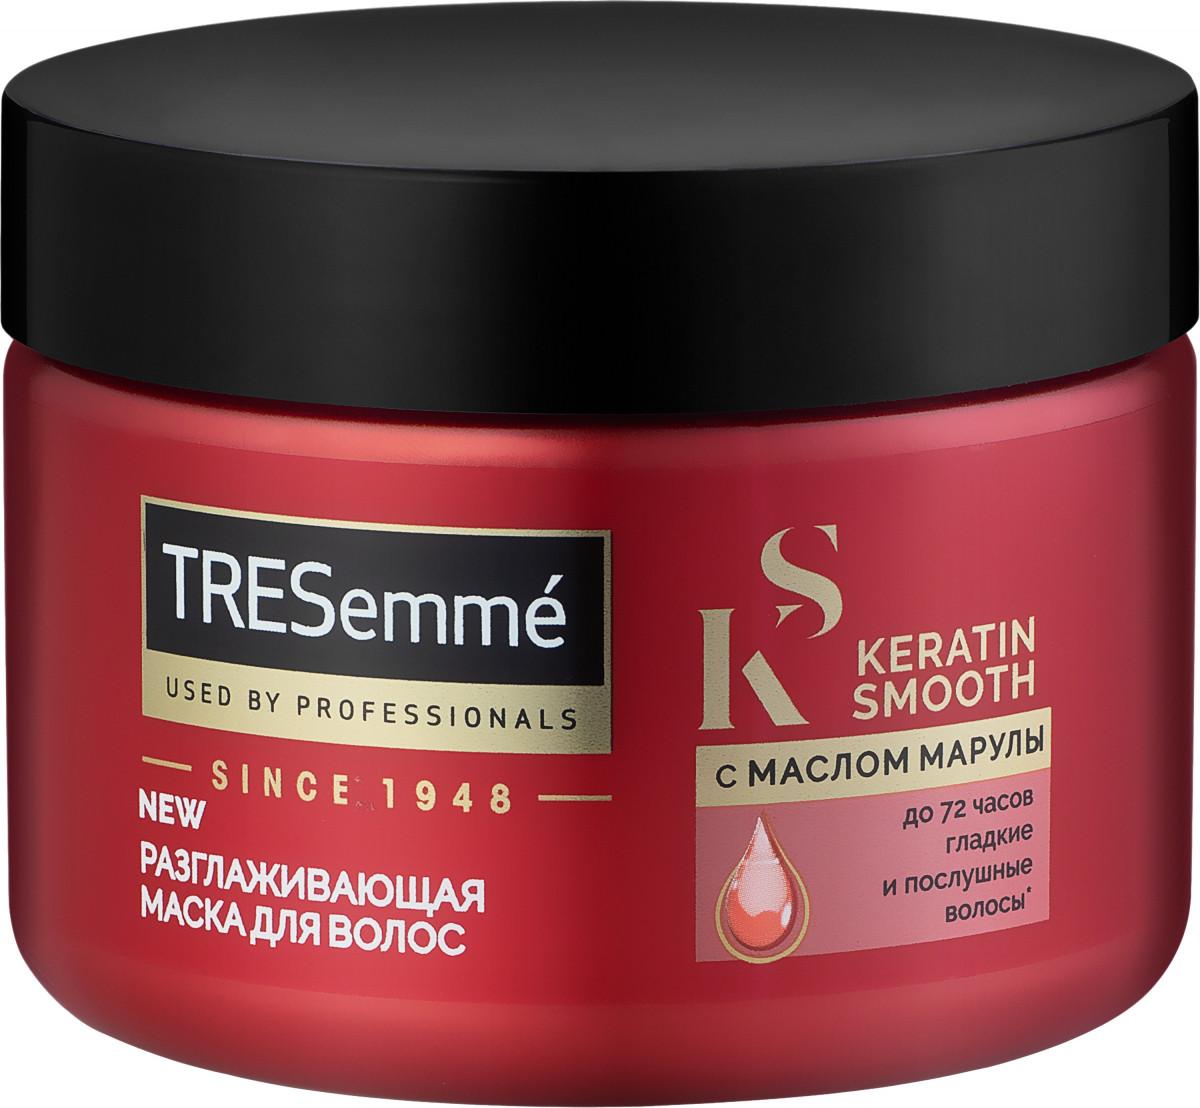 Маска для волос Tresemme Keratin Smooth разглаживающая 300 мл арт.7398